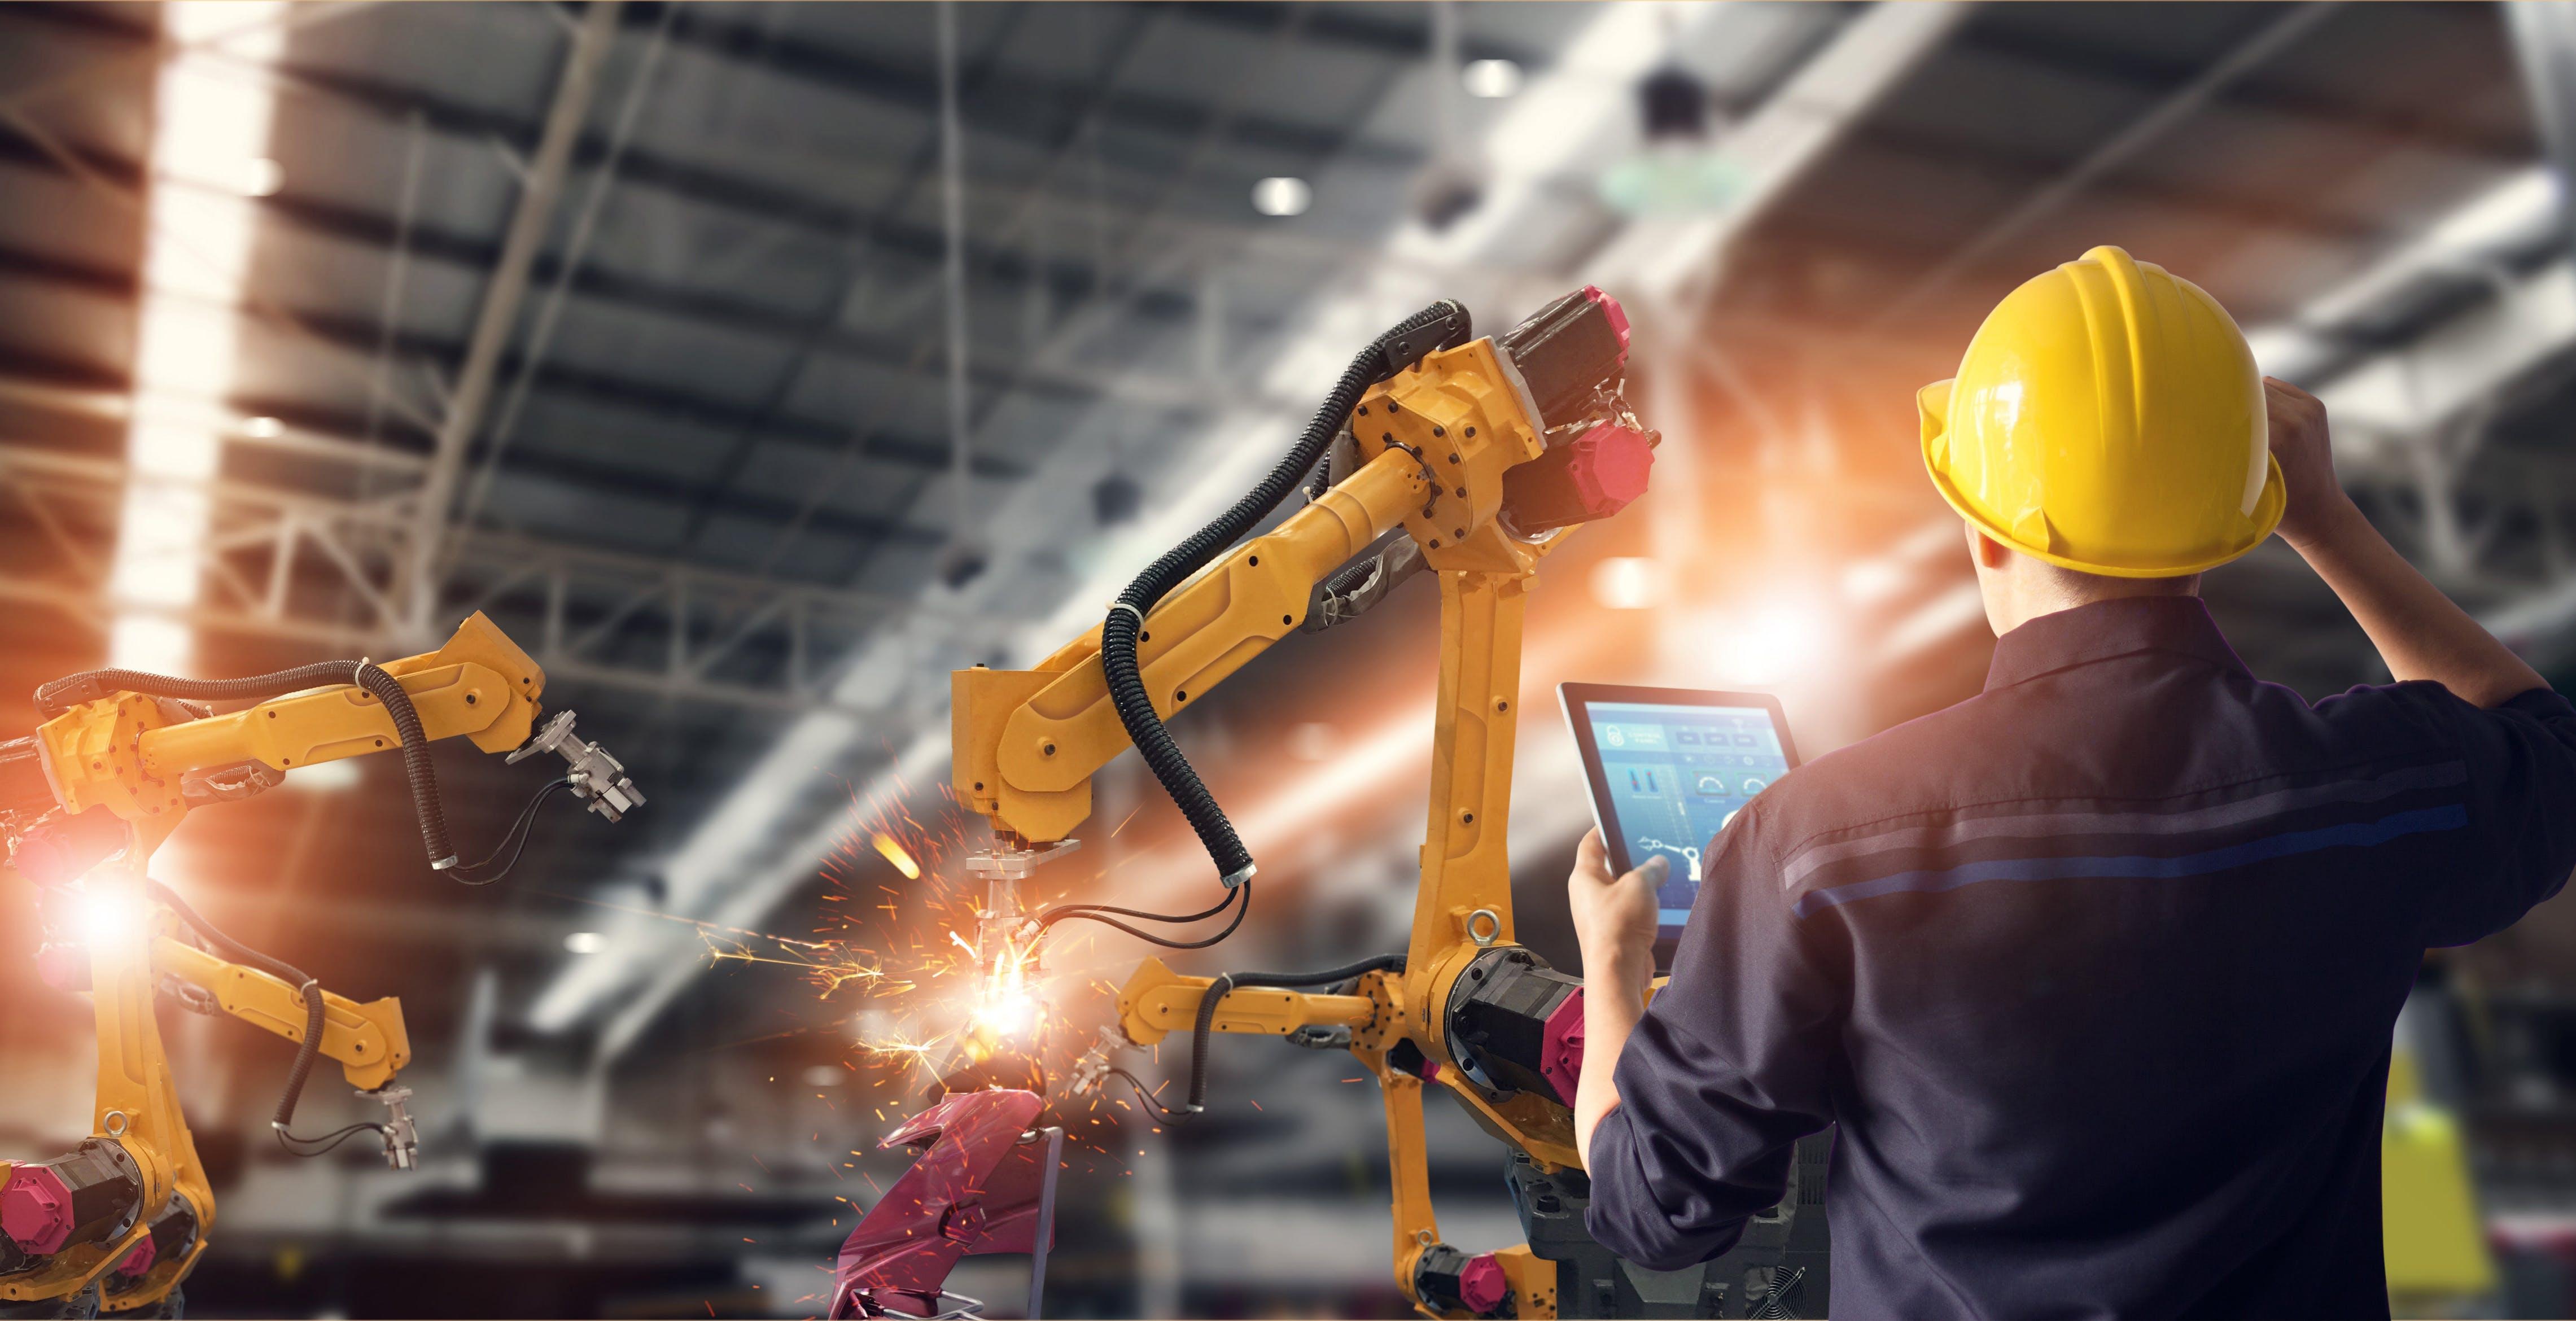 L'automazione farà perdere posti di lavoro in Europa, ma nel 2030 gli operai specializzati non saranno abbastanza